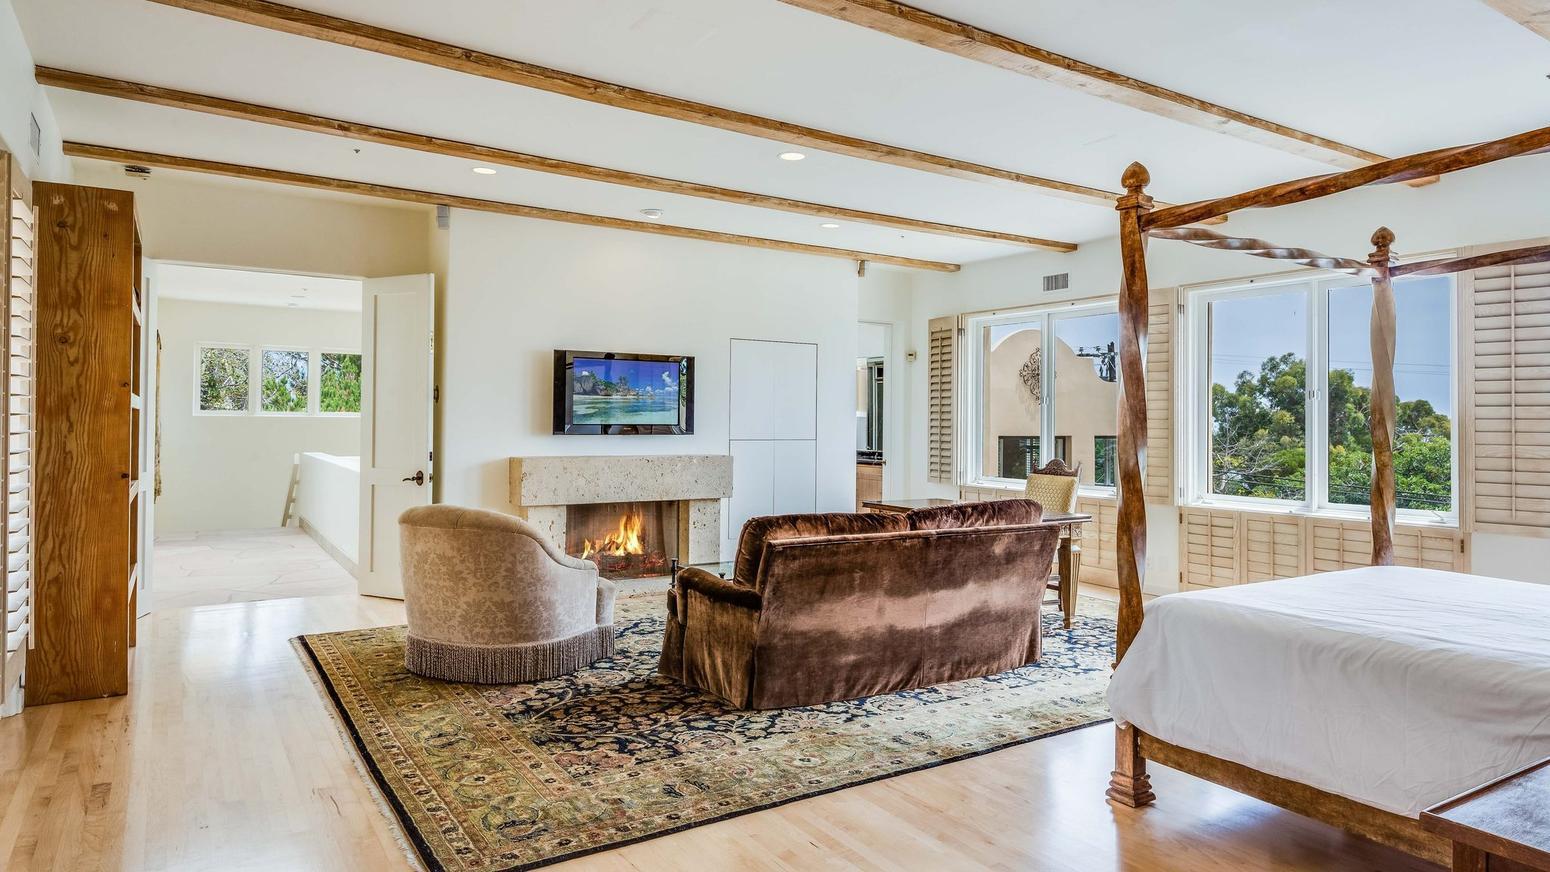 Malibu 10 milioni per vivere a casa di cher for 3 camere da letto 3 piani del bagno